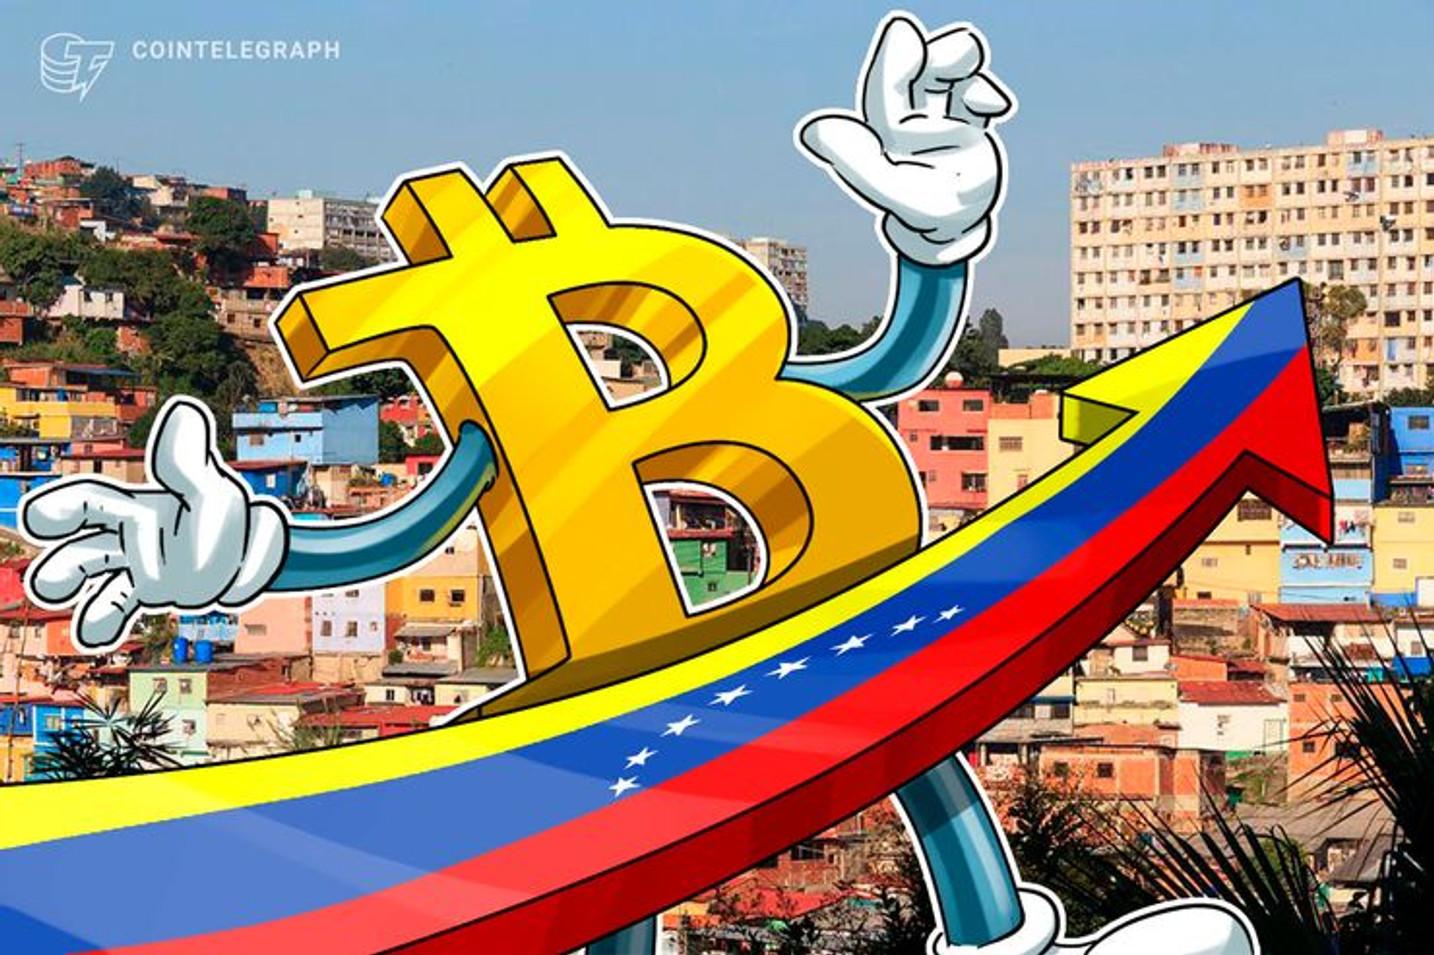 Por la hiperinflación, venezolanos prefieren convertir su salario en criptomonedas